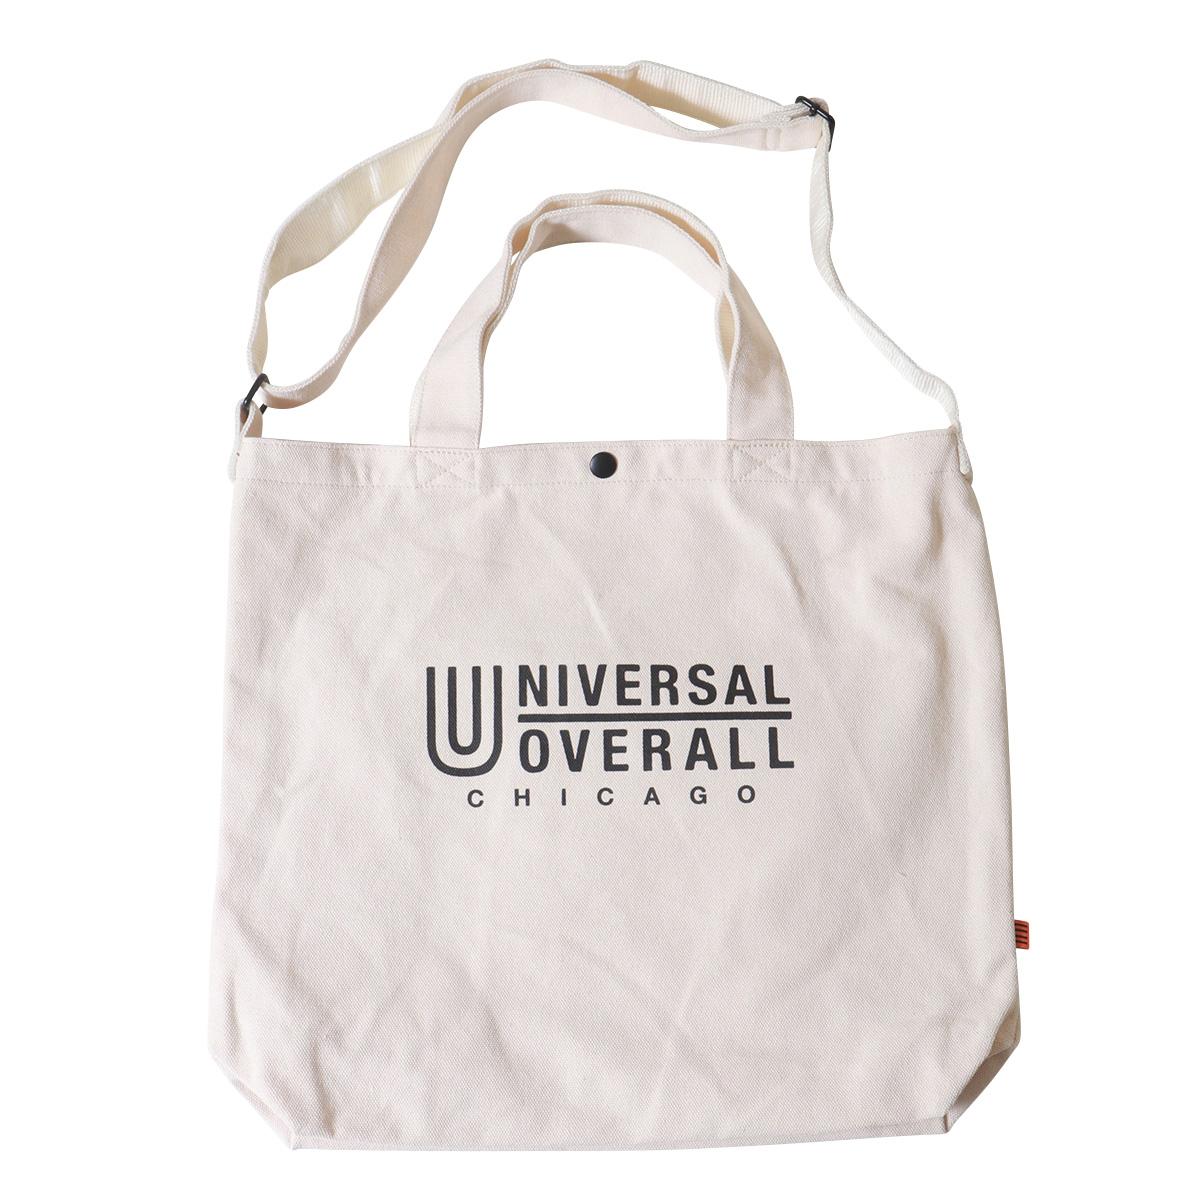 UNIVERSAL OVERALL ・キャンバス・スーベニア 2WAYトートバッグ ・ユニバーサルオーバーオール アメカジ